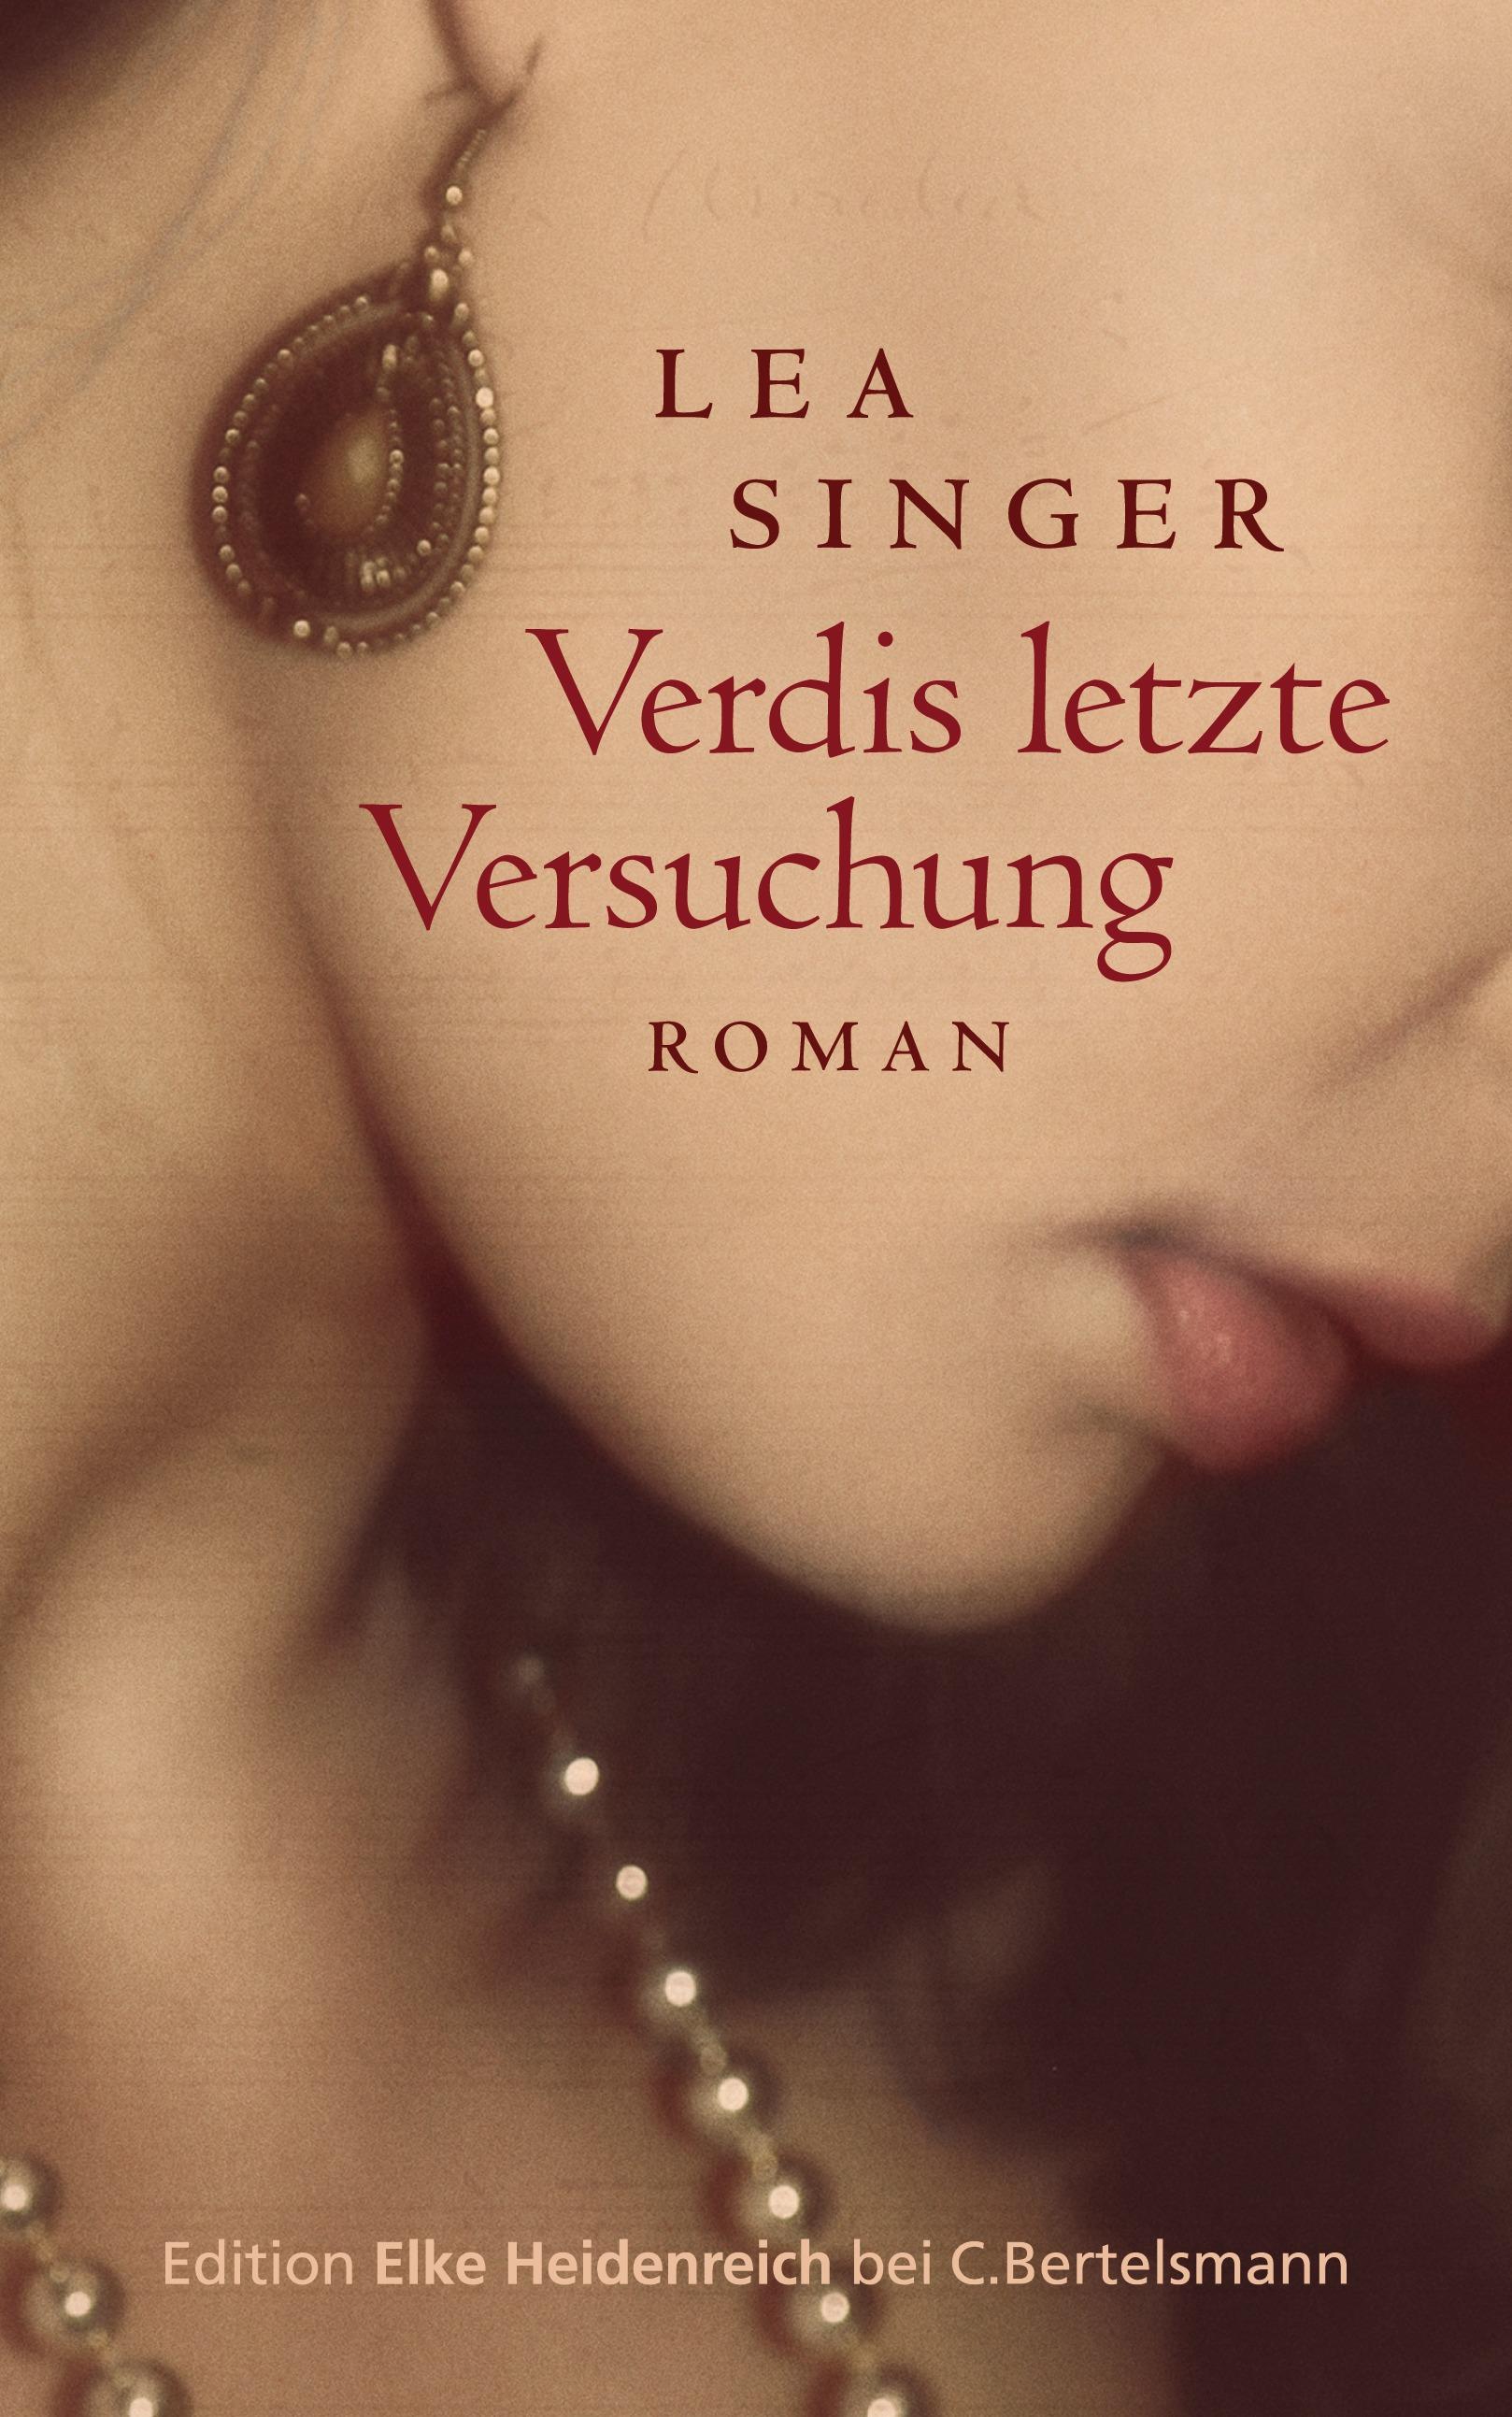 Verdis letzte Versuchung - Lea Singer